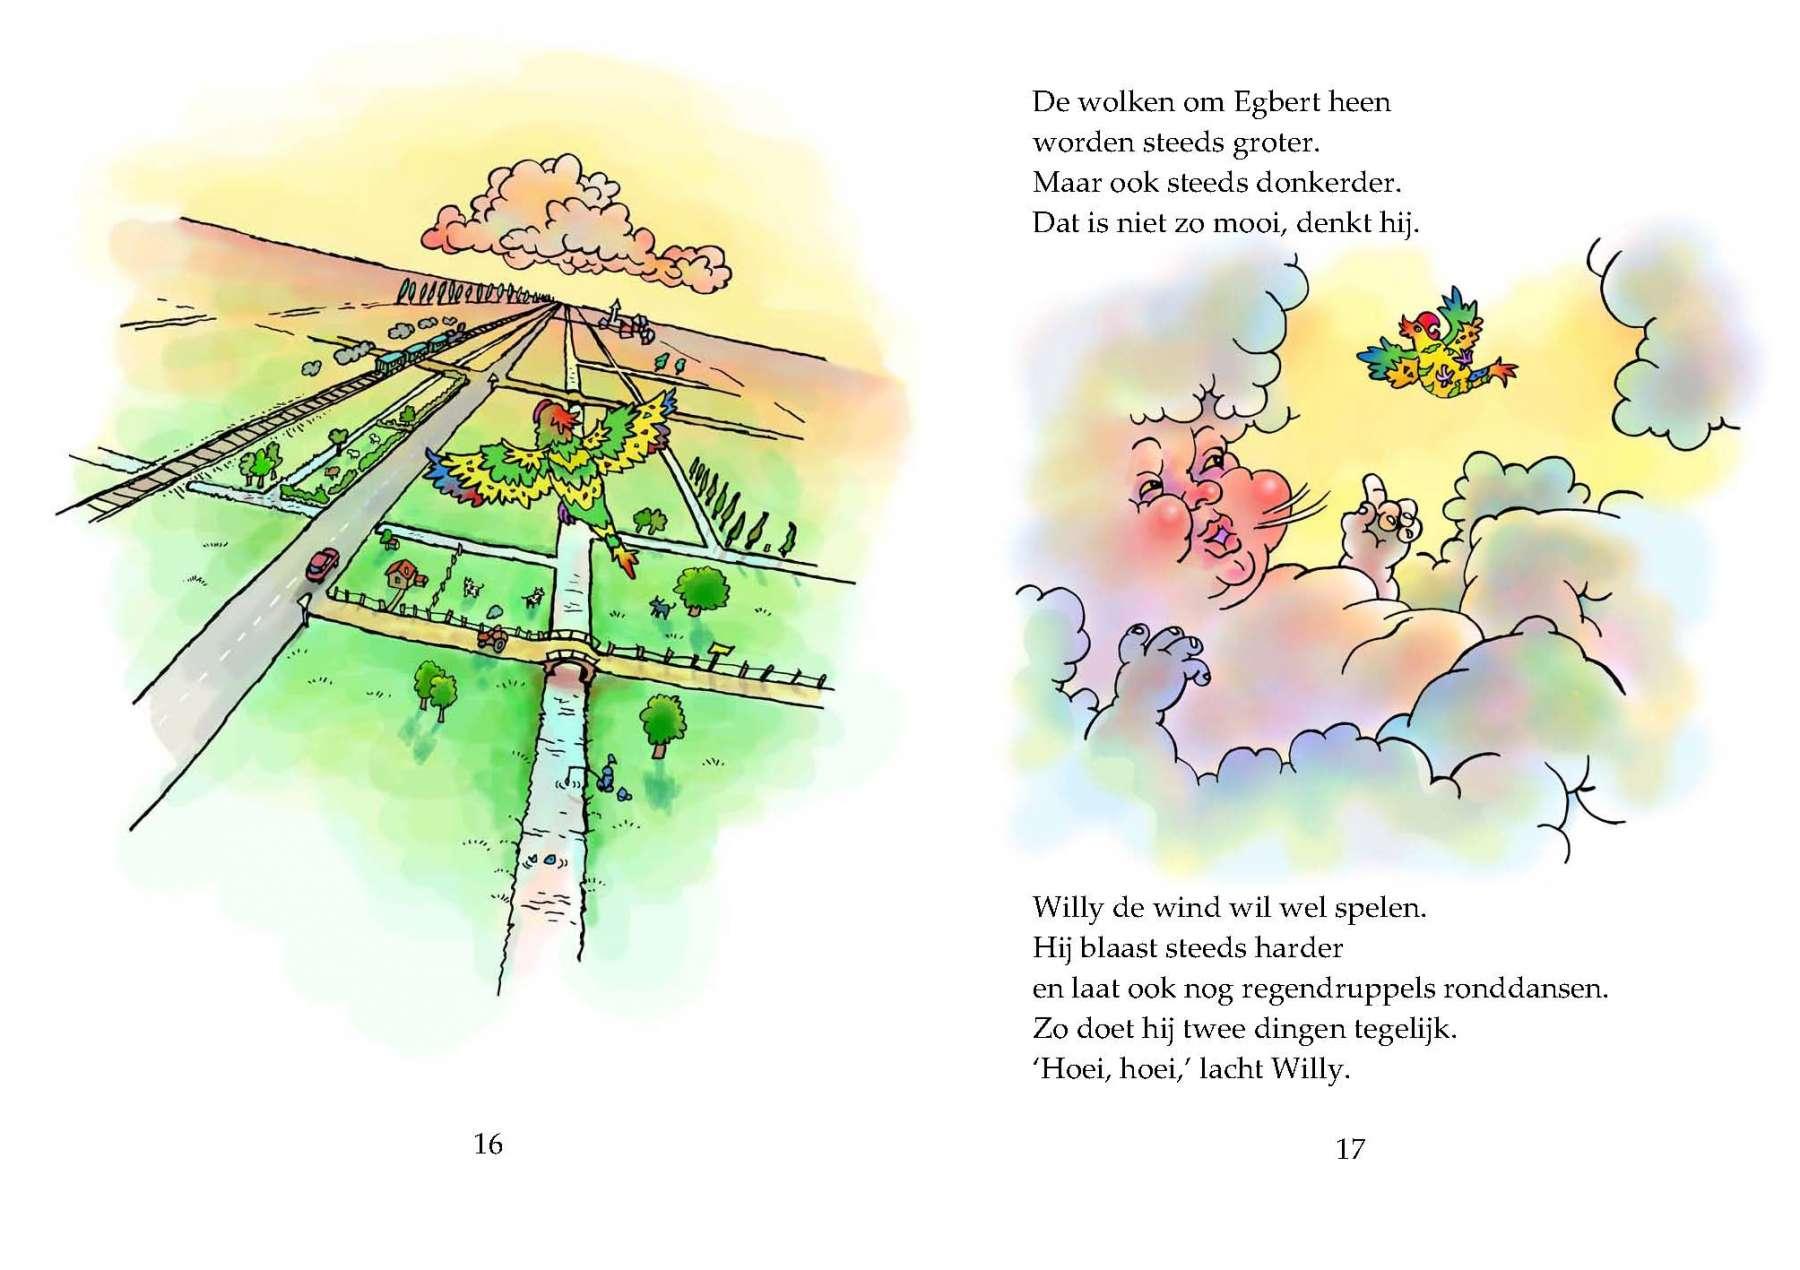 De Kip en het Ei - Uitgeverij Maanvis - Leesboek voor 7 - 9 jaar.